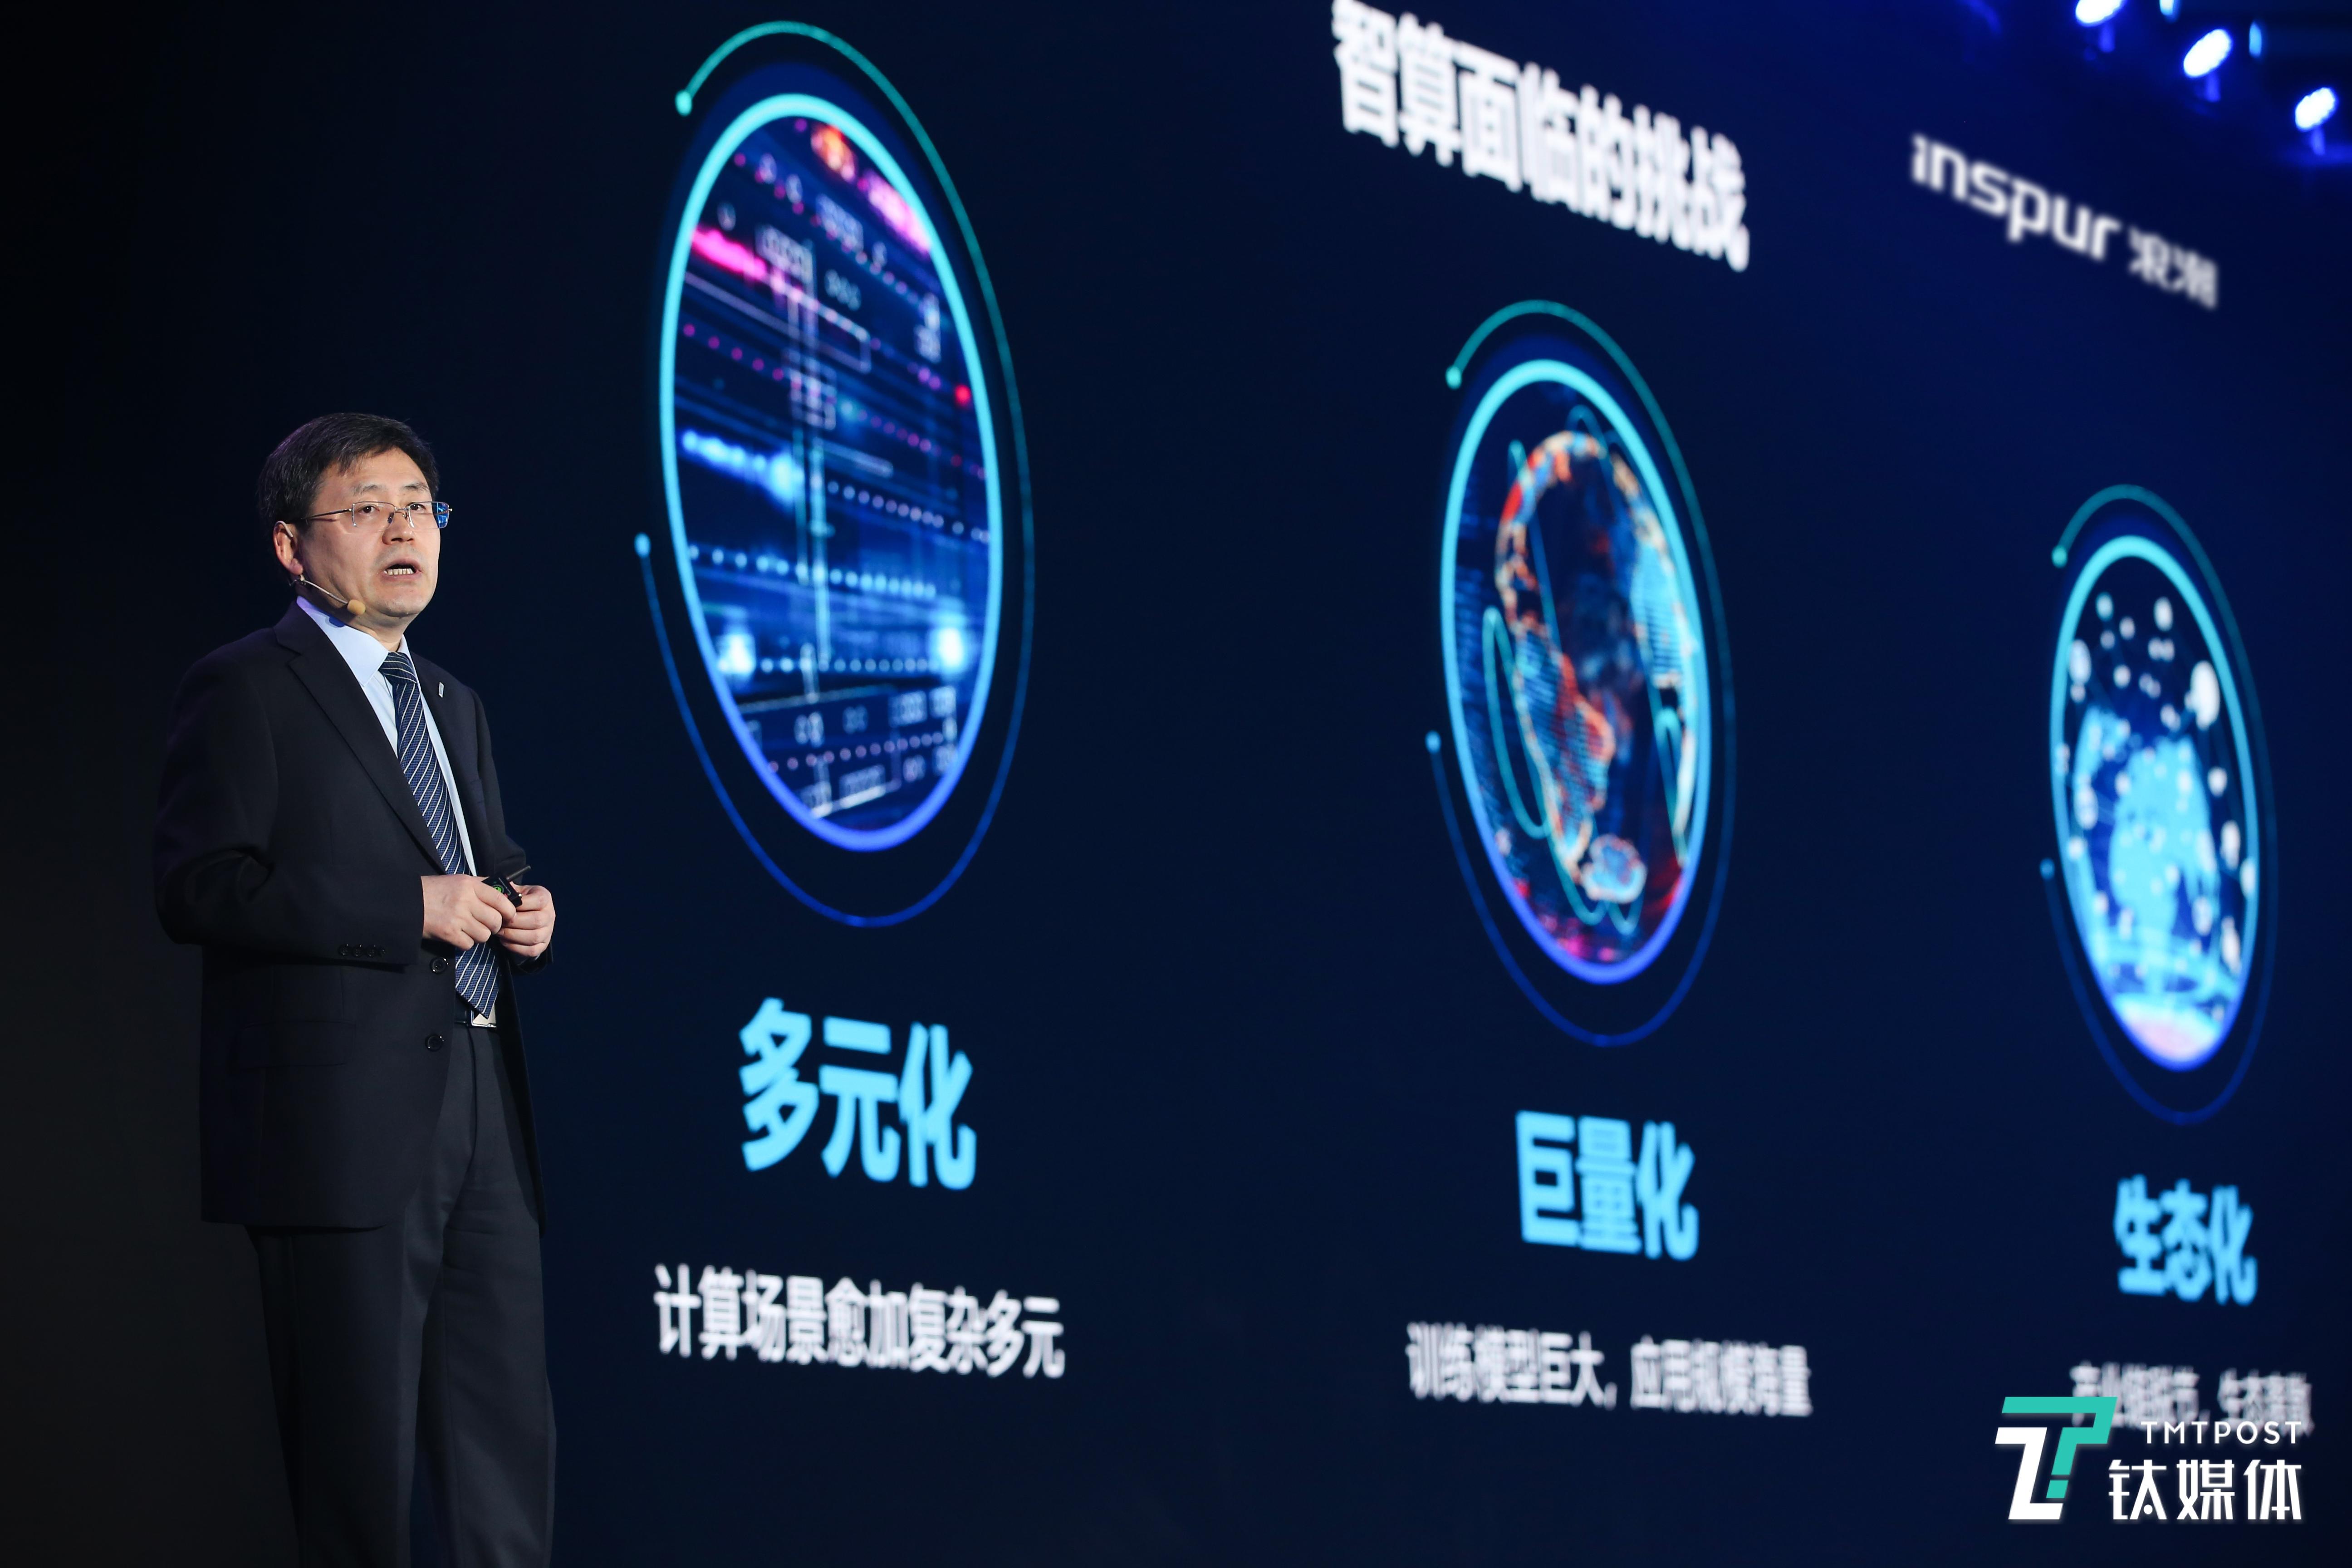 中国工程院院士、浪潮集团执行总裁、首席科学家王恩东